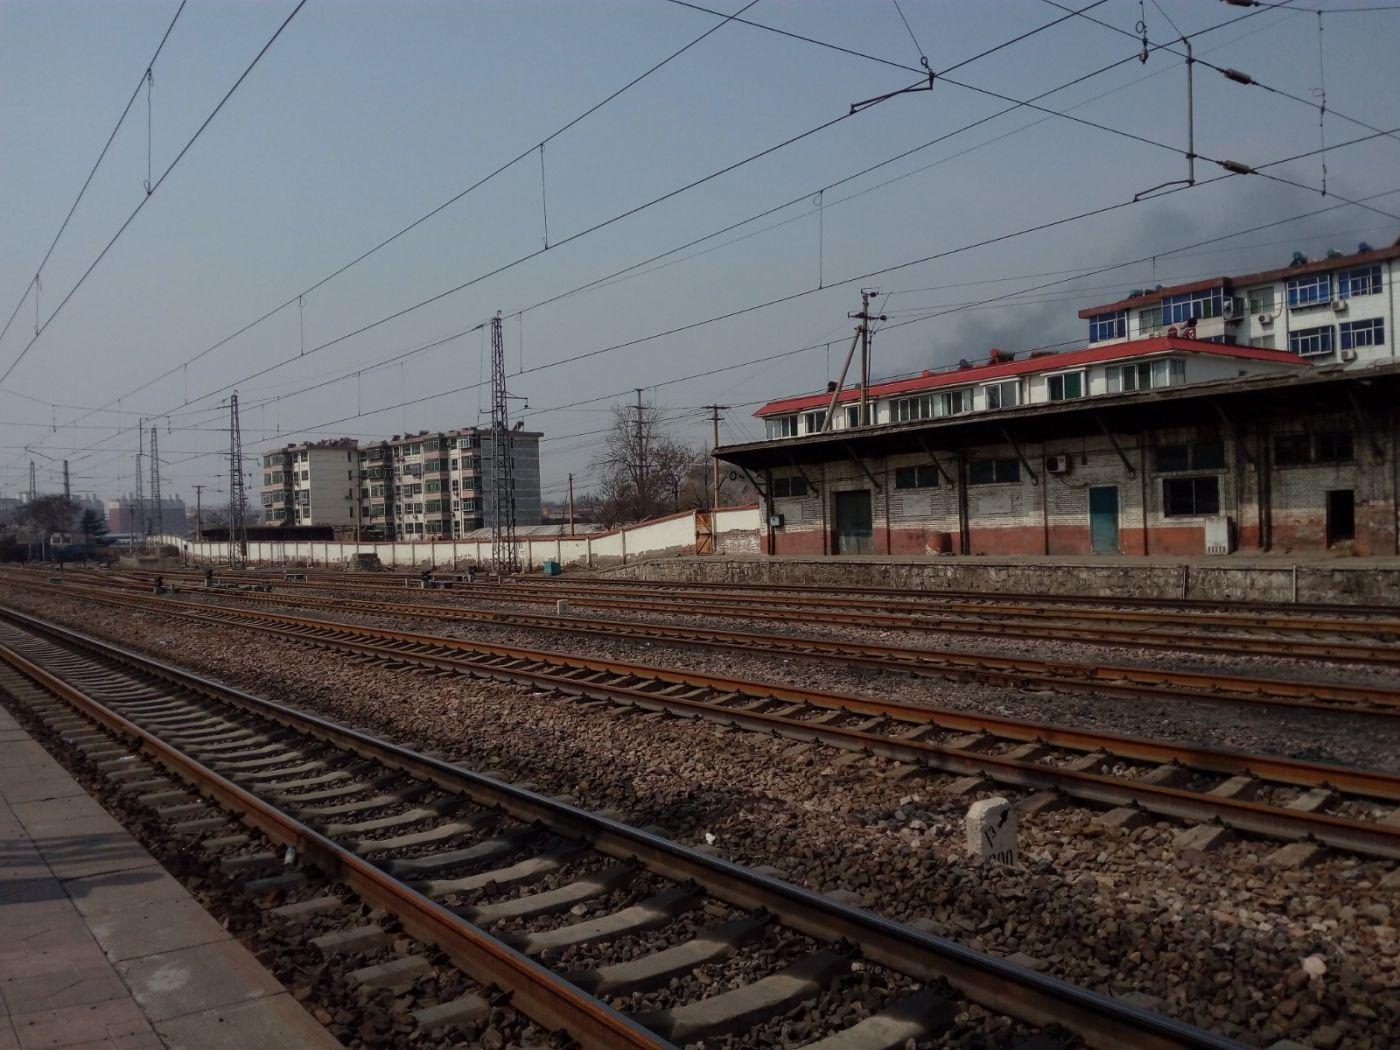 看到民国时期石太铁路列车时刻表有感而发_图1-3